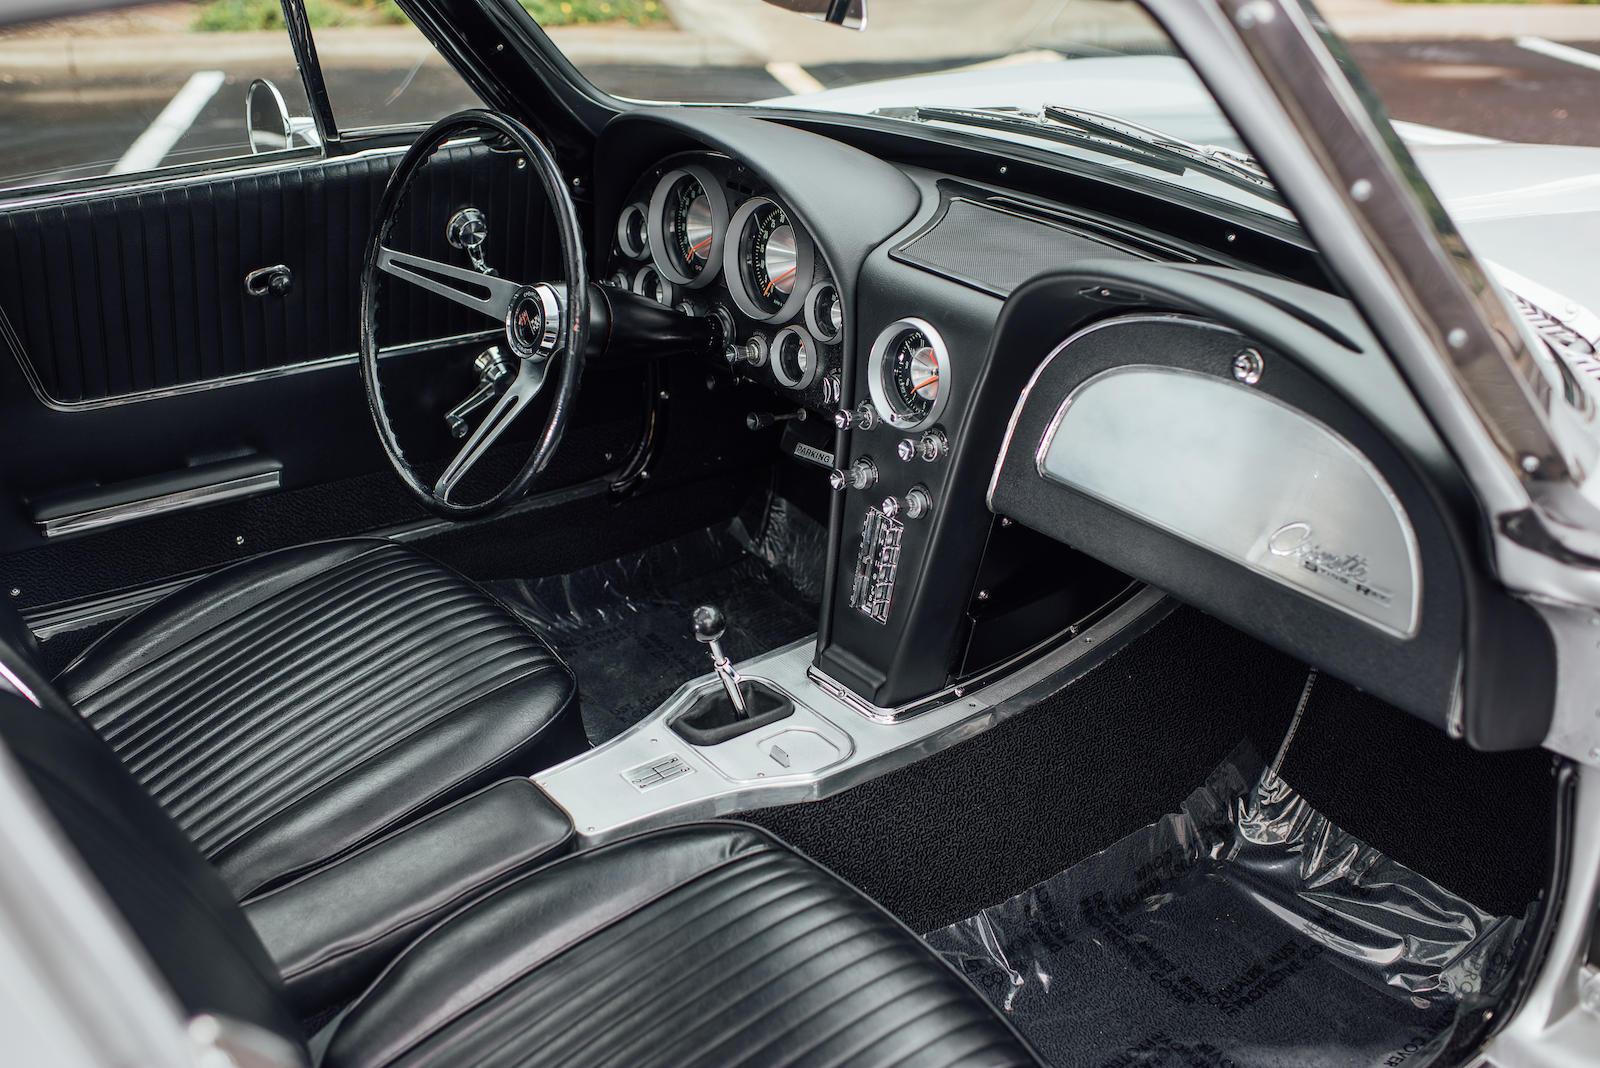 1963 Chevrolet Corvette interior passenger